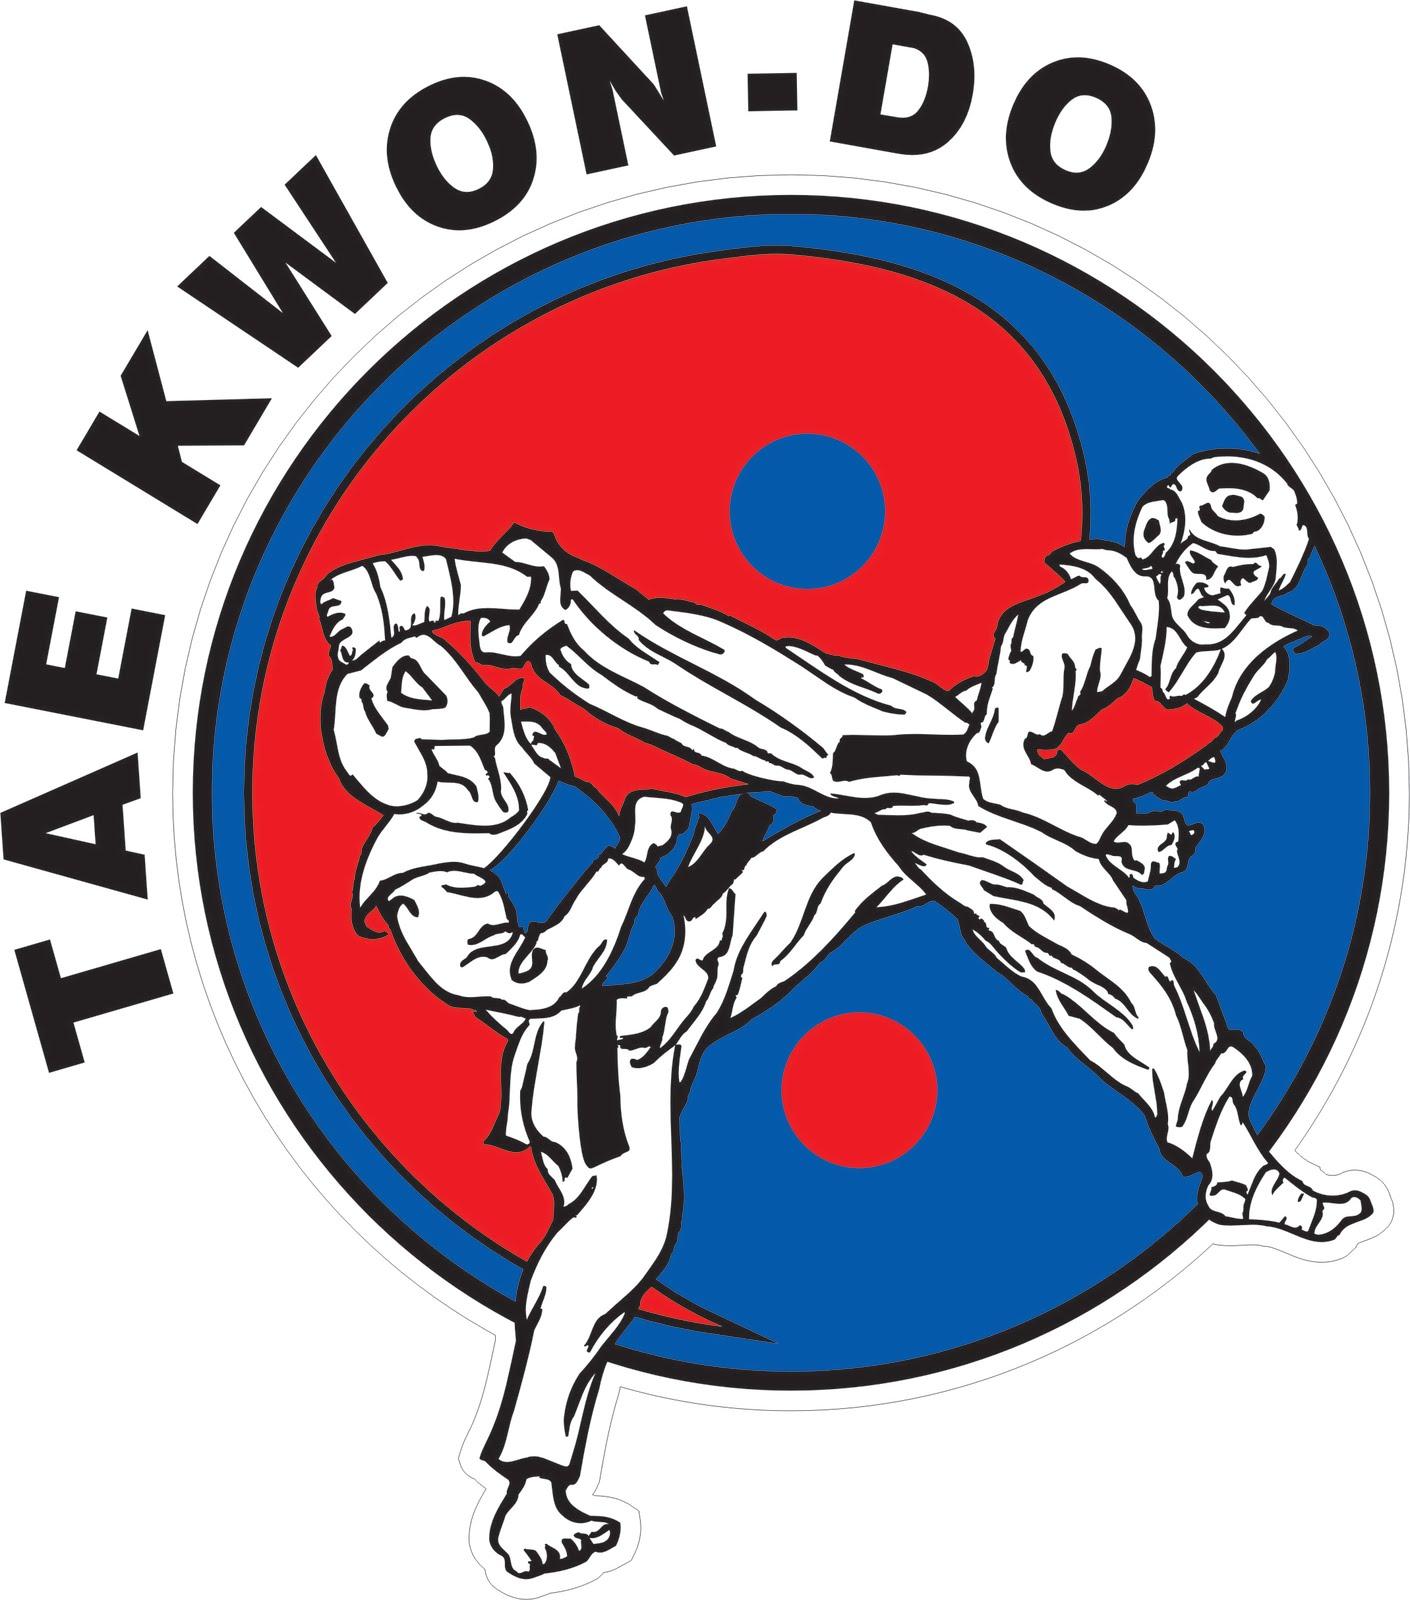 Στην σχολή μας.....: TAE KWON DO